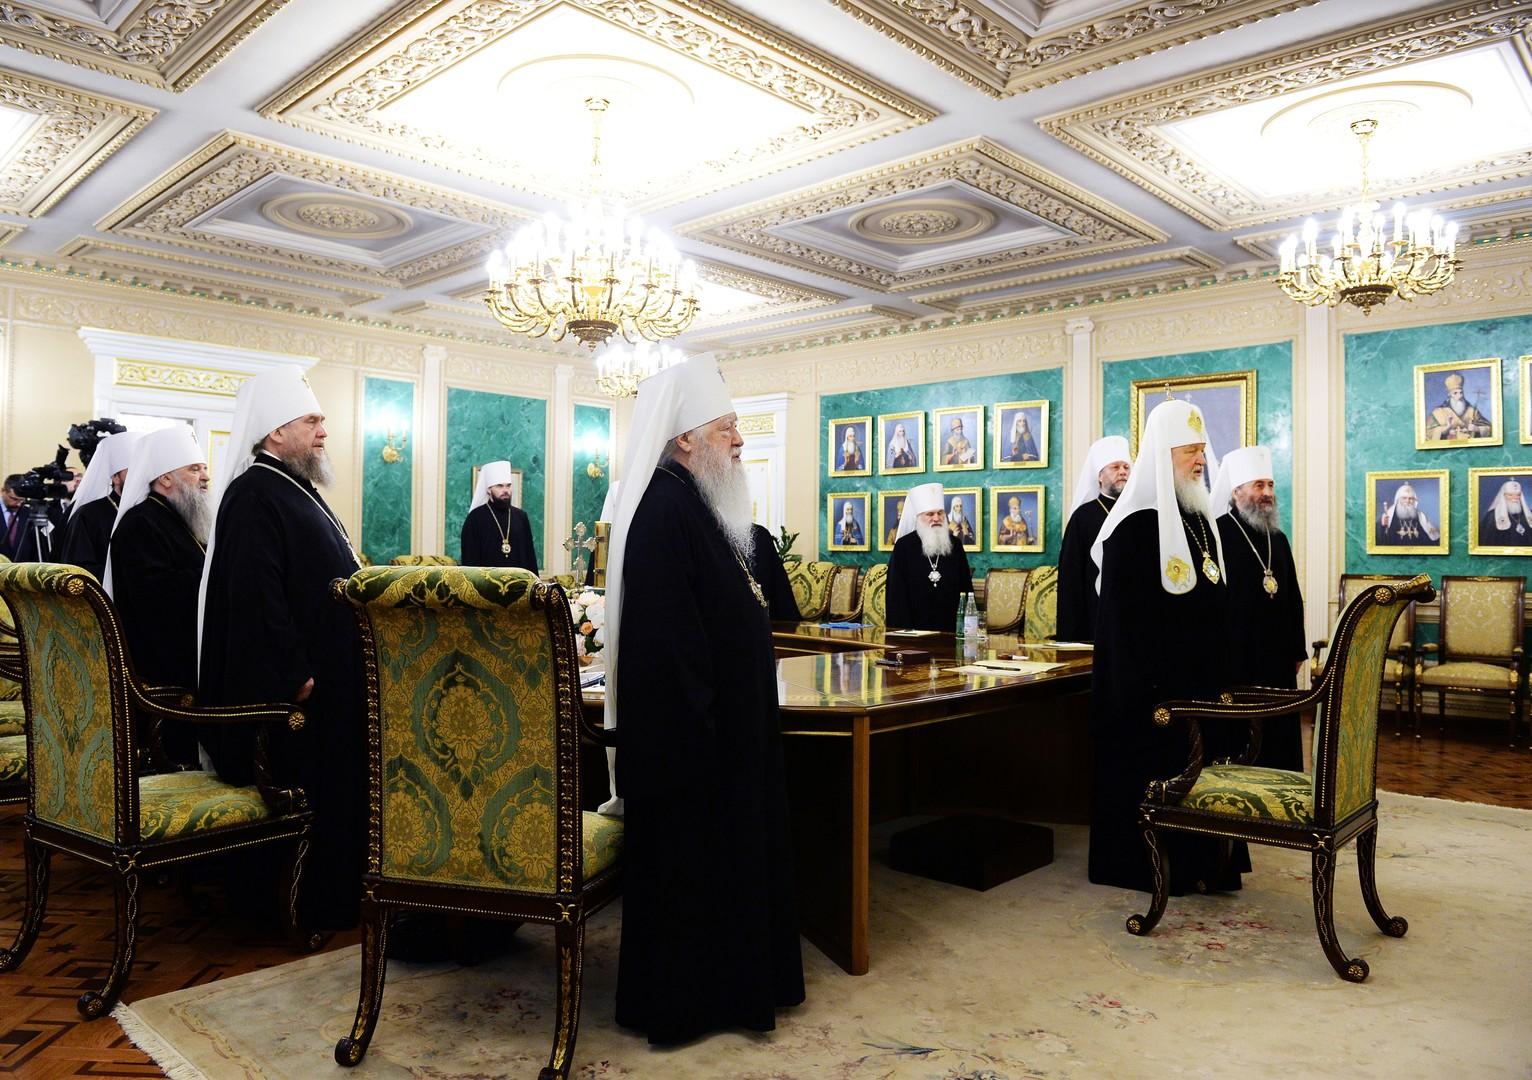 РПЦ не будет участвовать во Всеправославном соборе на Крите